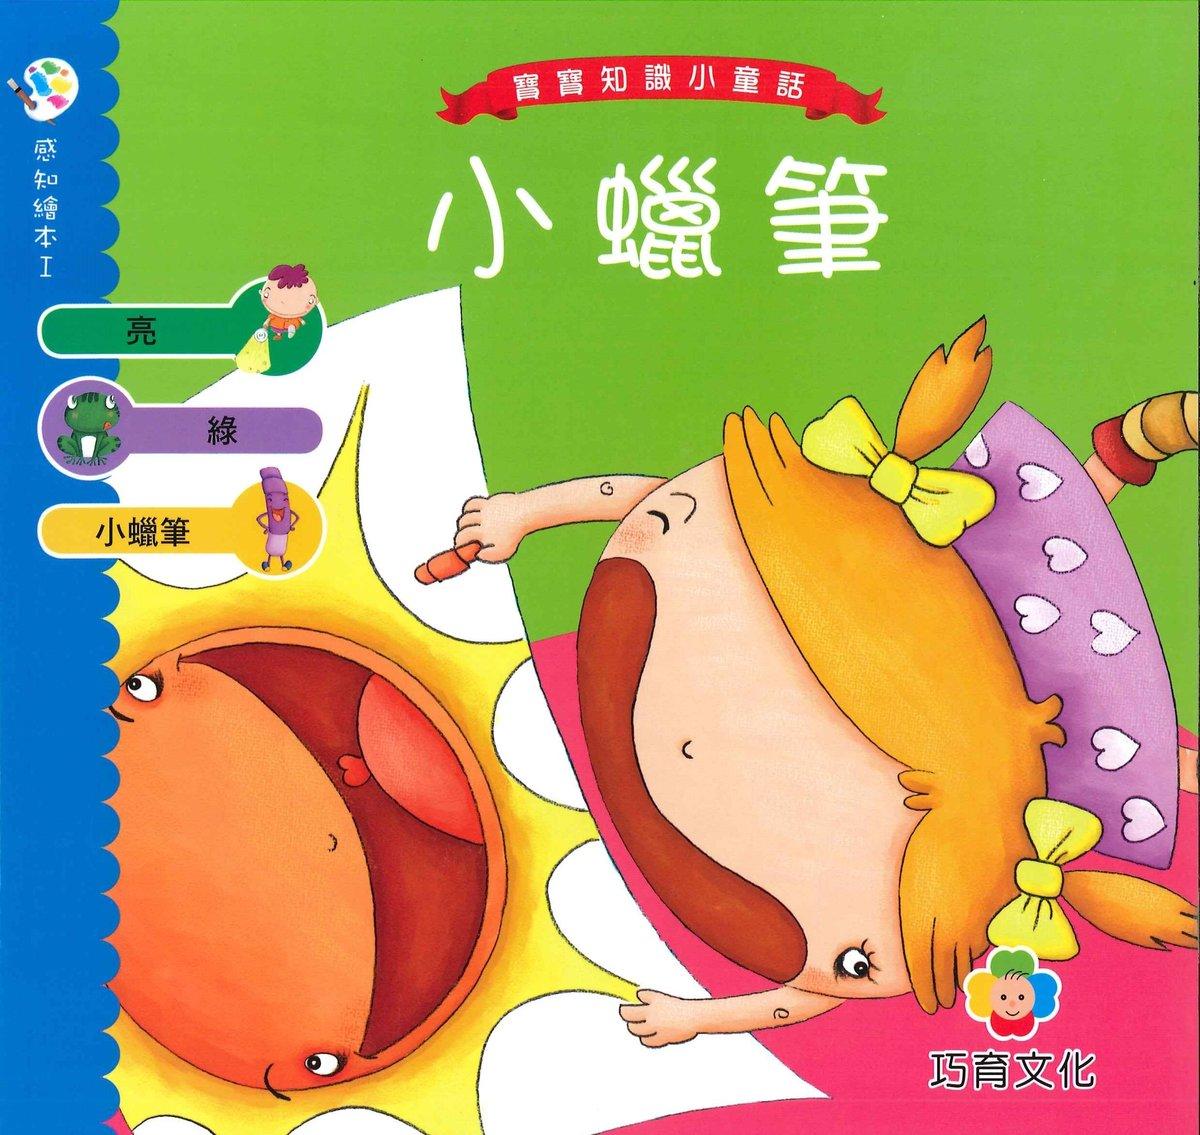 寶寶知識小童話 - 小蠟筆